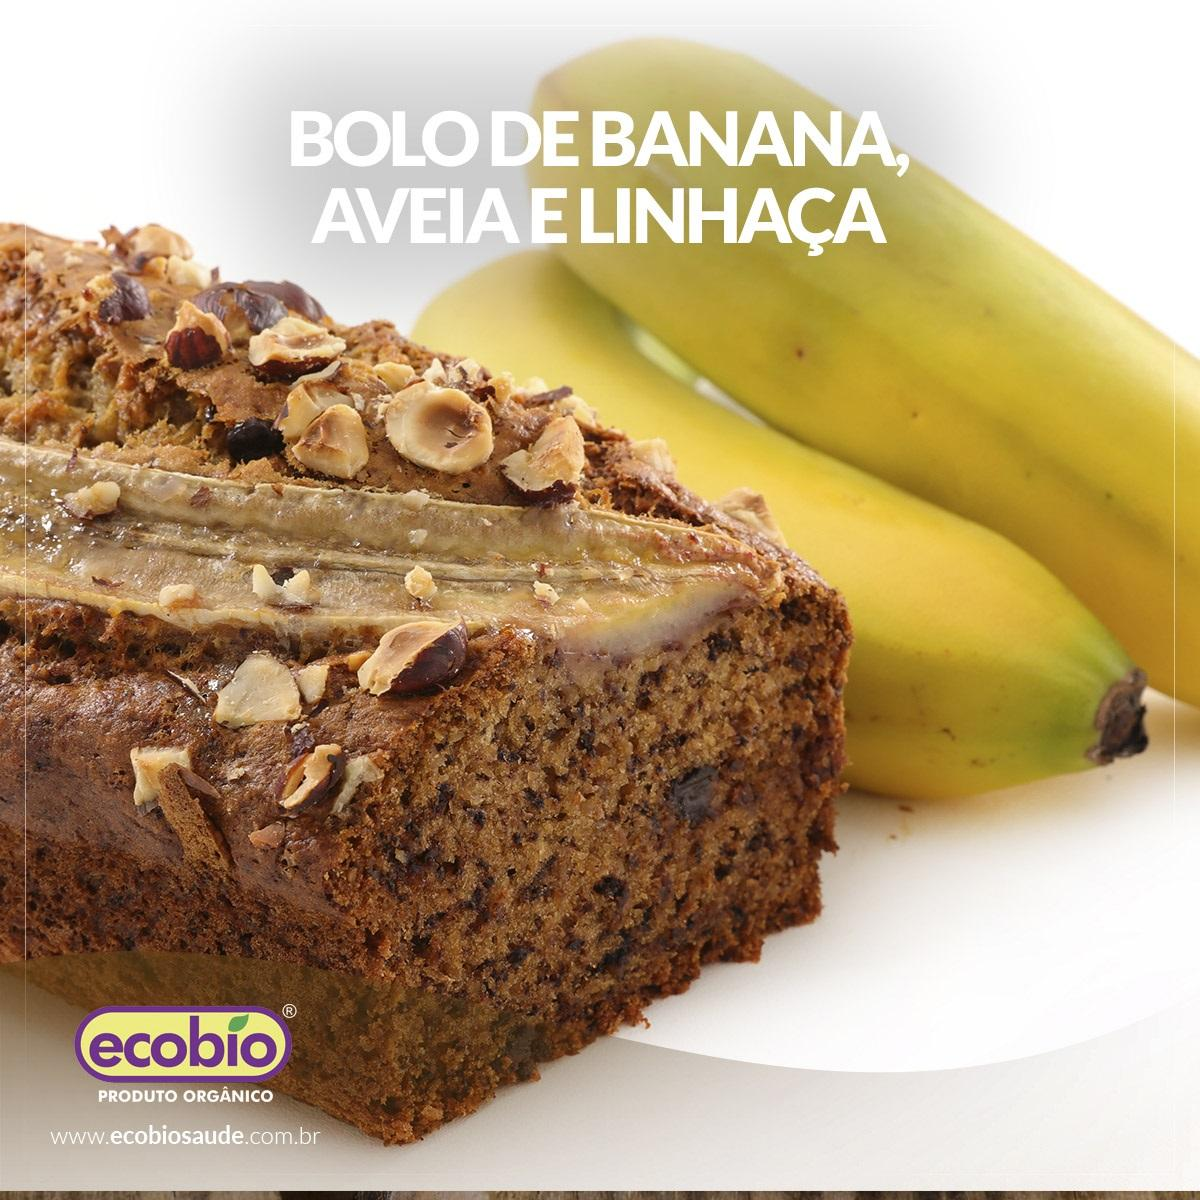 Bolo de banana, aveia e linhaça